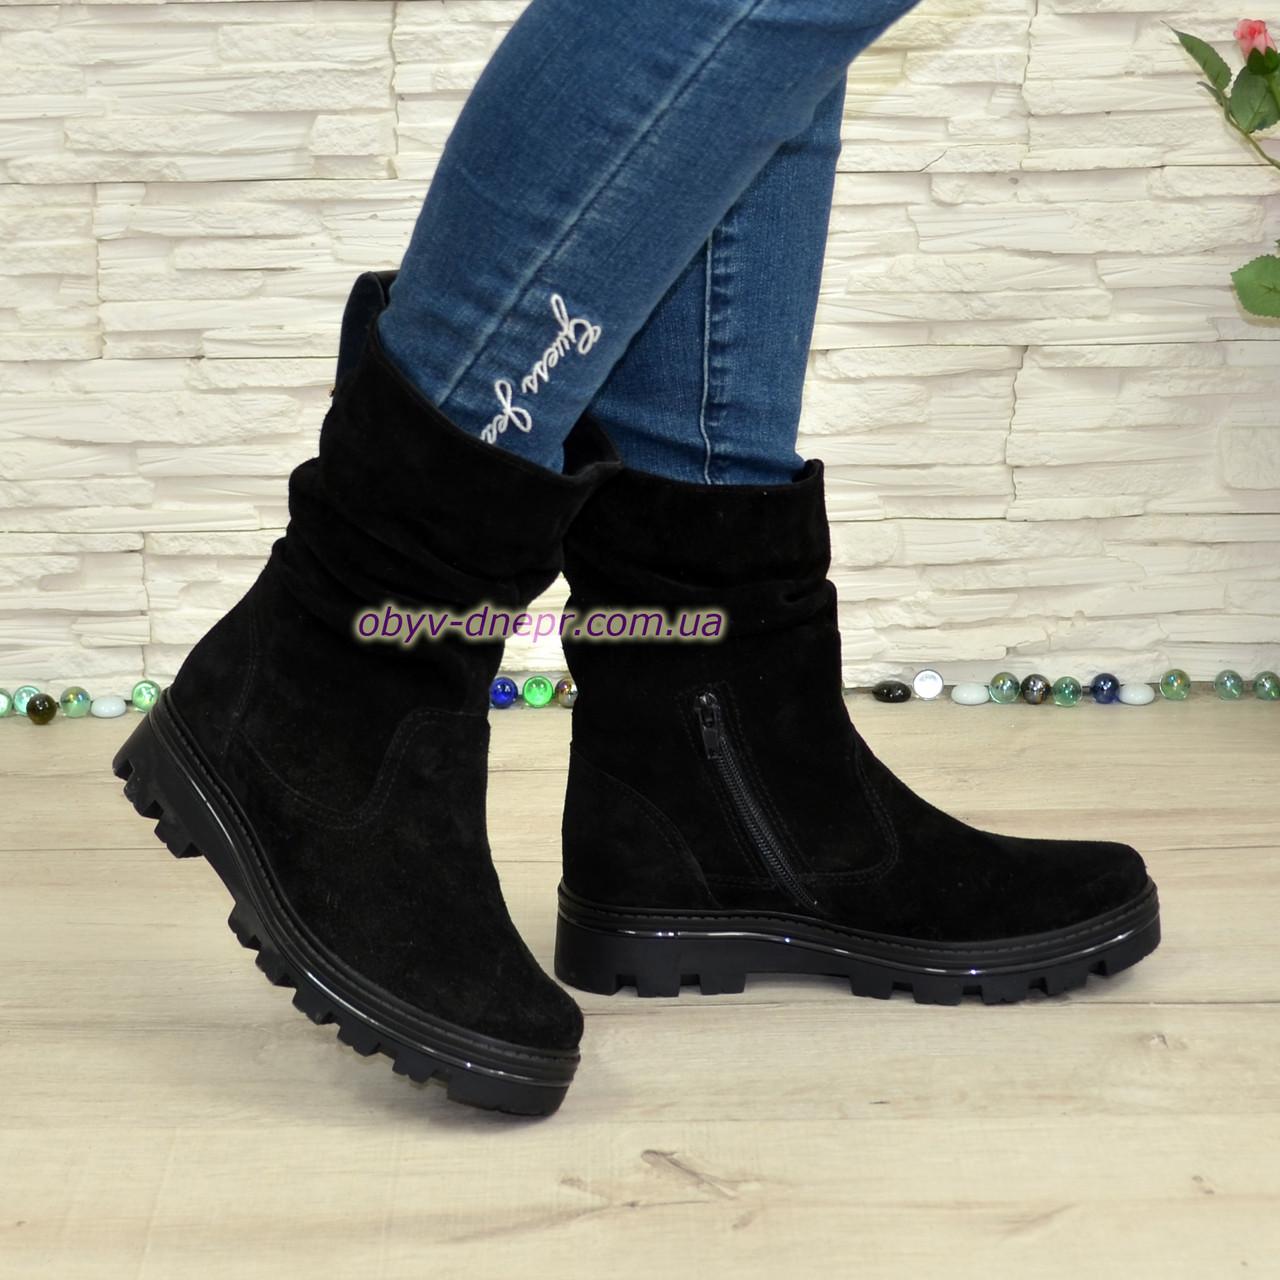 Женские замшевые зимние ботинки на тракторной подошве